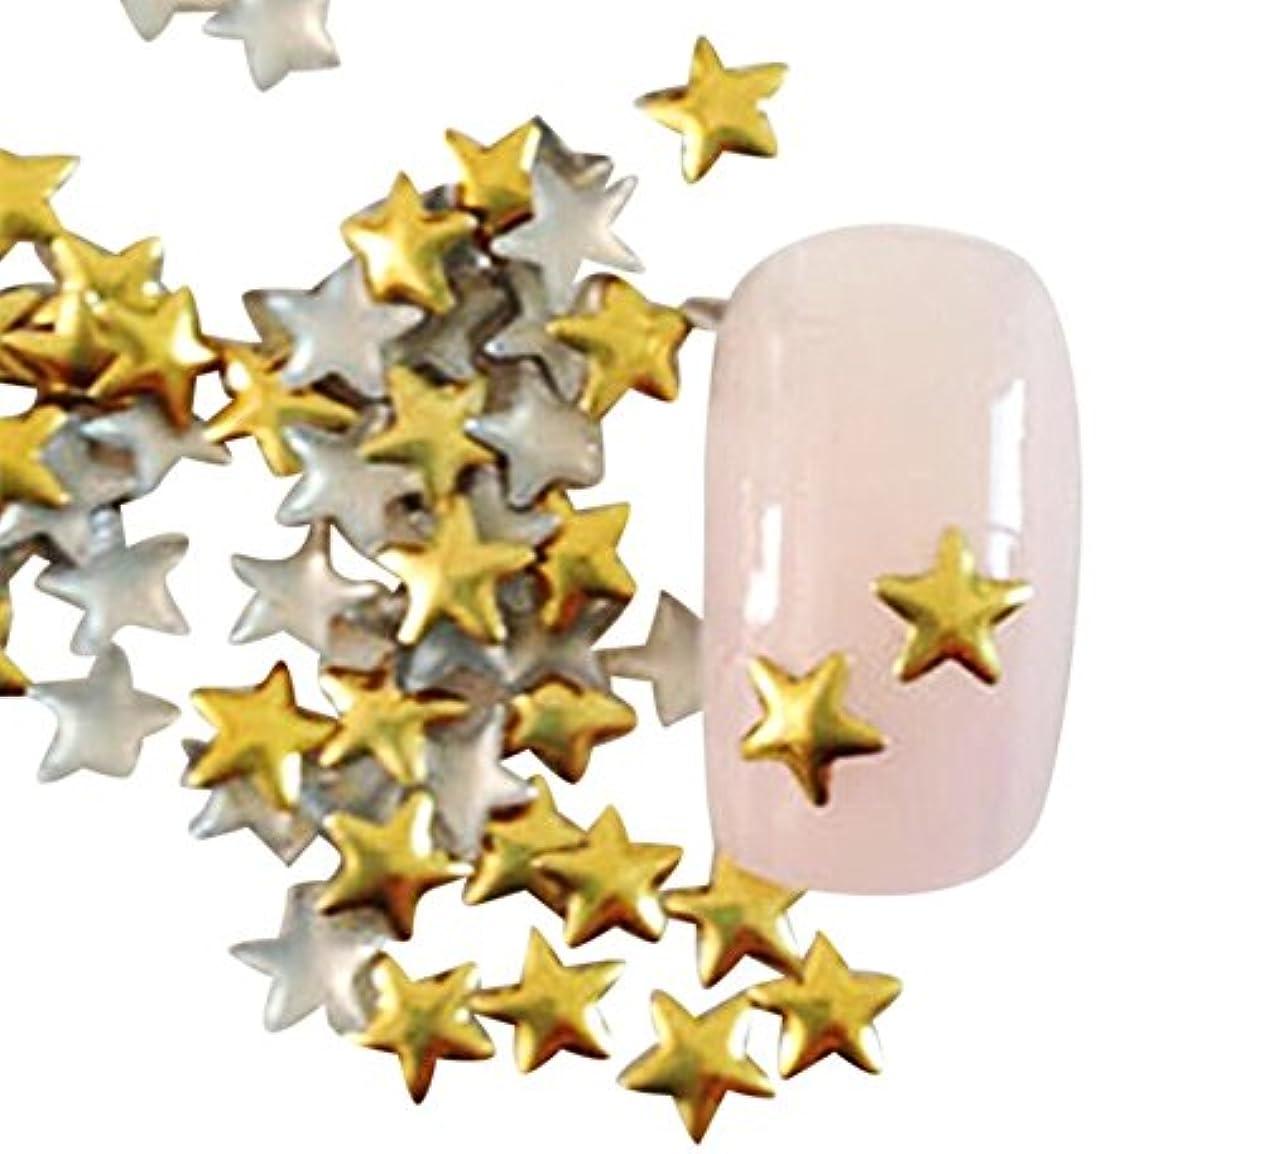 耐えられないシンポジウムシチリア【ネイルウーマン】メタルパーツ スタッズ ゴールド 金 スター 星 (3mm) 約50粒入り